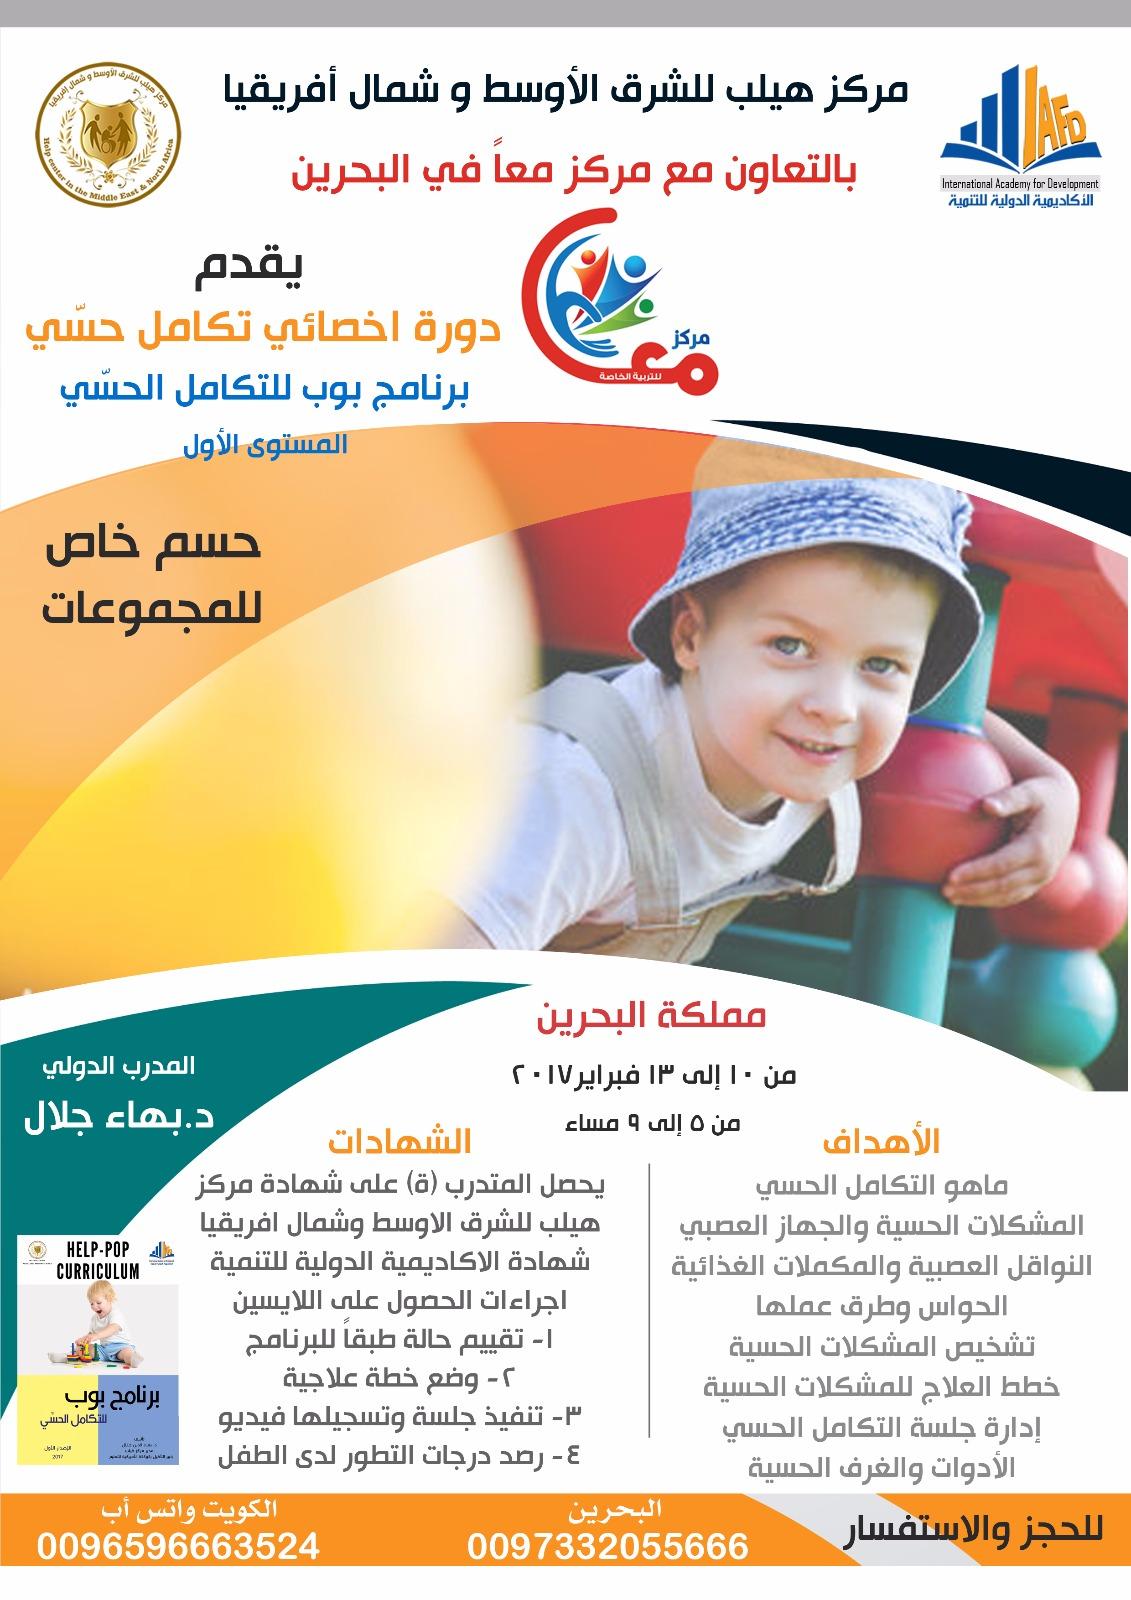 دورة اخصائى برنامج بوب للتكامل الحسى                مركز معا  البحرين